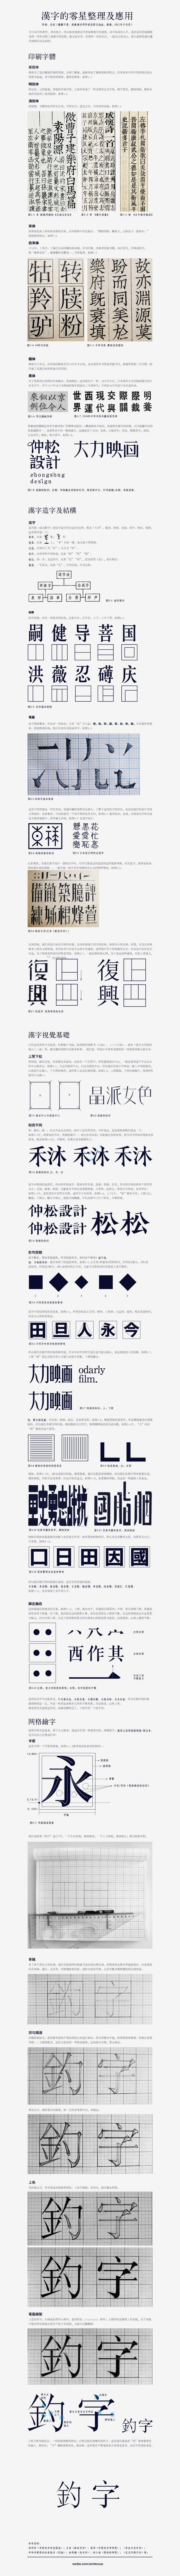 """汉字的零星整理及应用      汉字。一种延续了 5000 年的文字。      中国国家标准简体中文字符集(GB 2312-80) 收录的常用汉字,6763 个。      字字需斟酌,笔笔要推敲。所谓""""一字一生""""就是如此而来。      1989 年,陆华平为日本森泽公司绘制""""陆隶"""",森泽支付作者的报酬是每字 14 美金。而现在国内版权意识的淡薄,国家对汉字字库的淡漠,都导致汉字几乎一文不值,无法为生。前人易业,后人无继。中国汉字字库 421 款,日本的字库 2973 款。而这也是若干年前的数据,现在也许差距更大了。      这里整理一些汉字的零星,以对大众做一些字体的普及。    http://www.archerzuo.com/"""